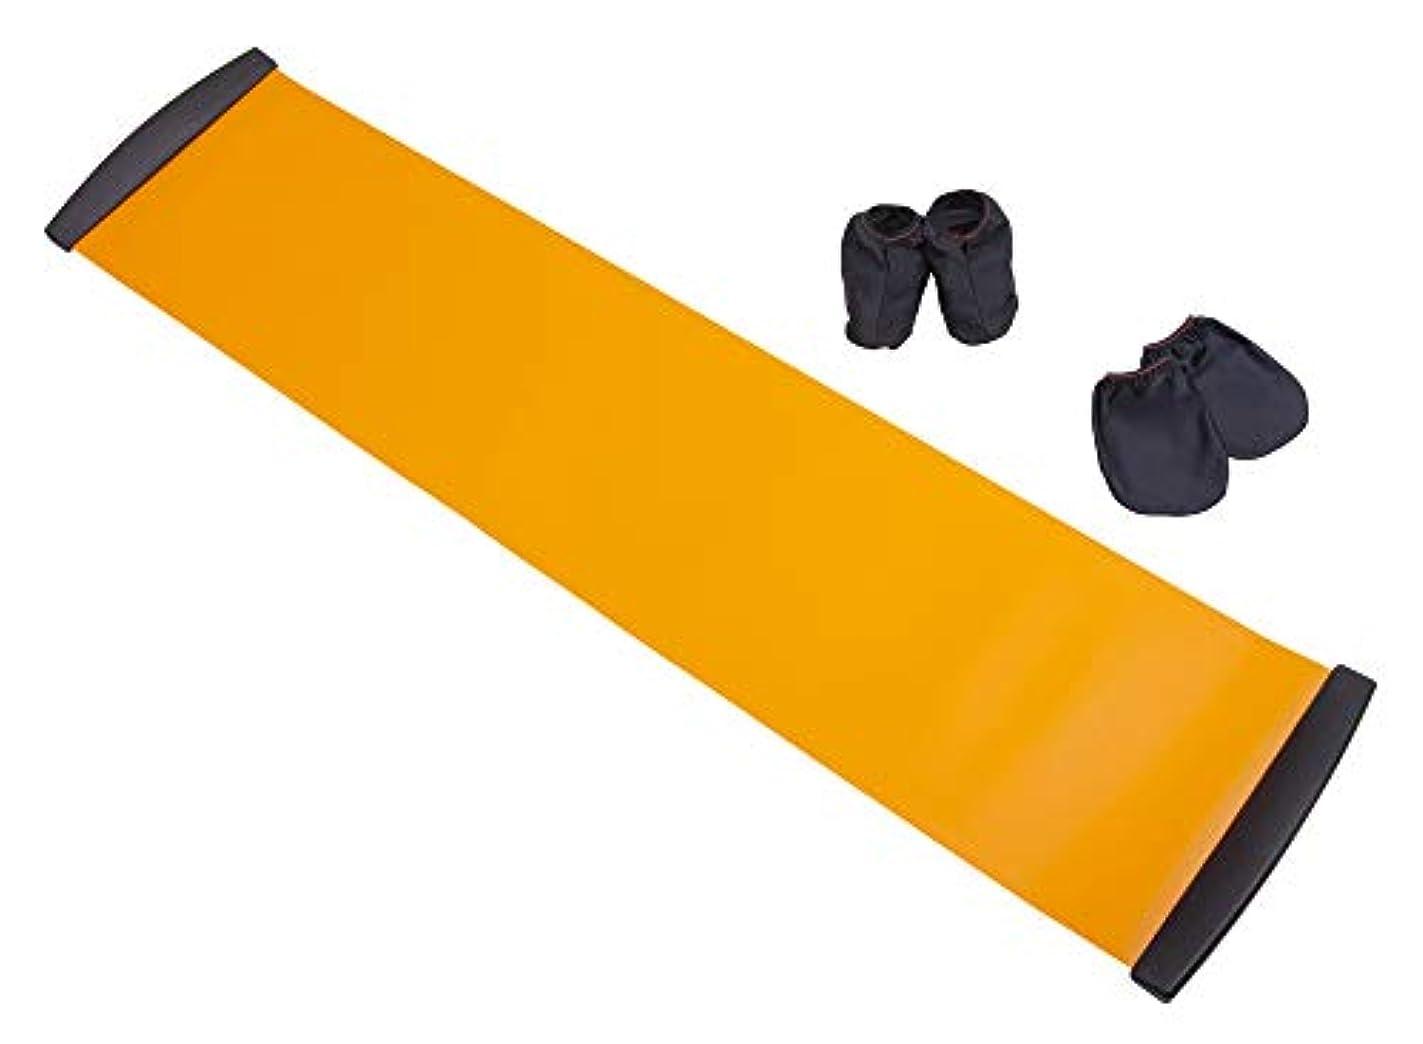 オリエンタル自治抵抗力があるアルファックス 有酸素スライダー 商品サイズ:幅183×奥行42cm